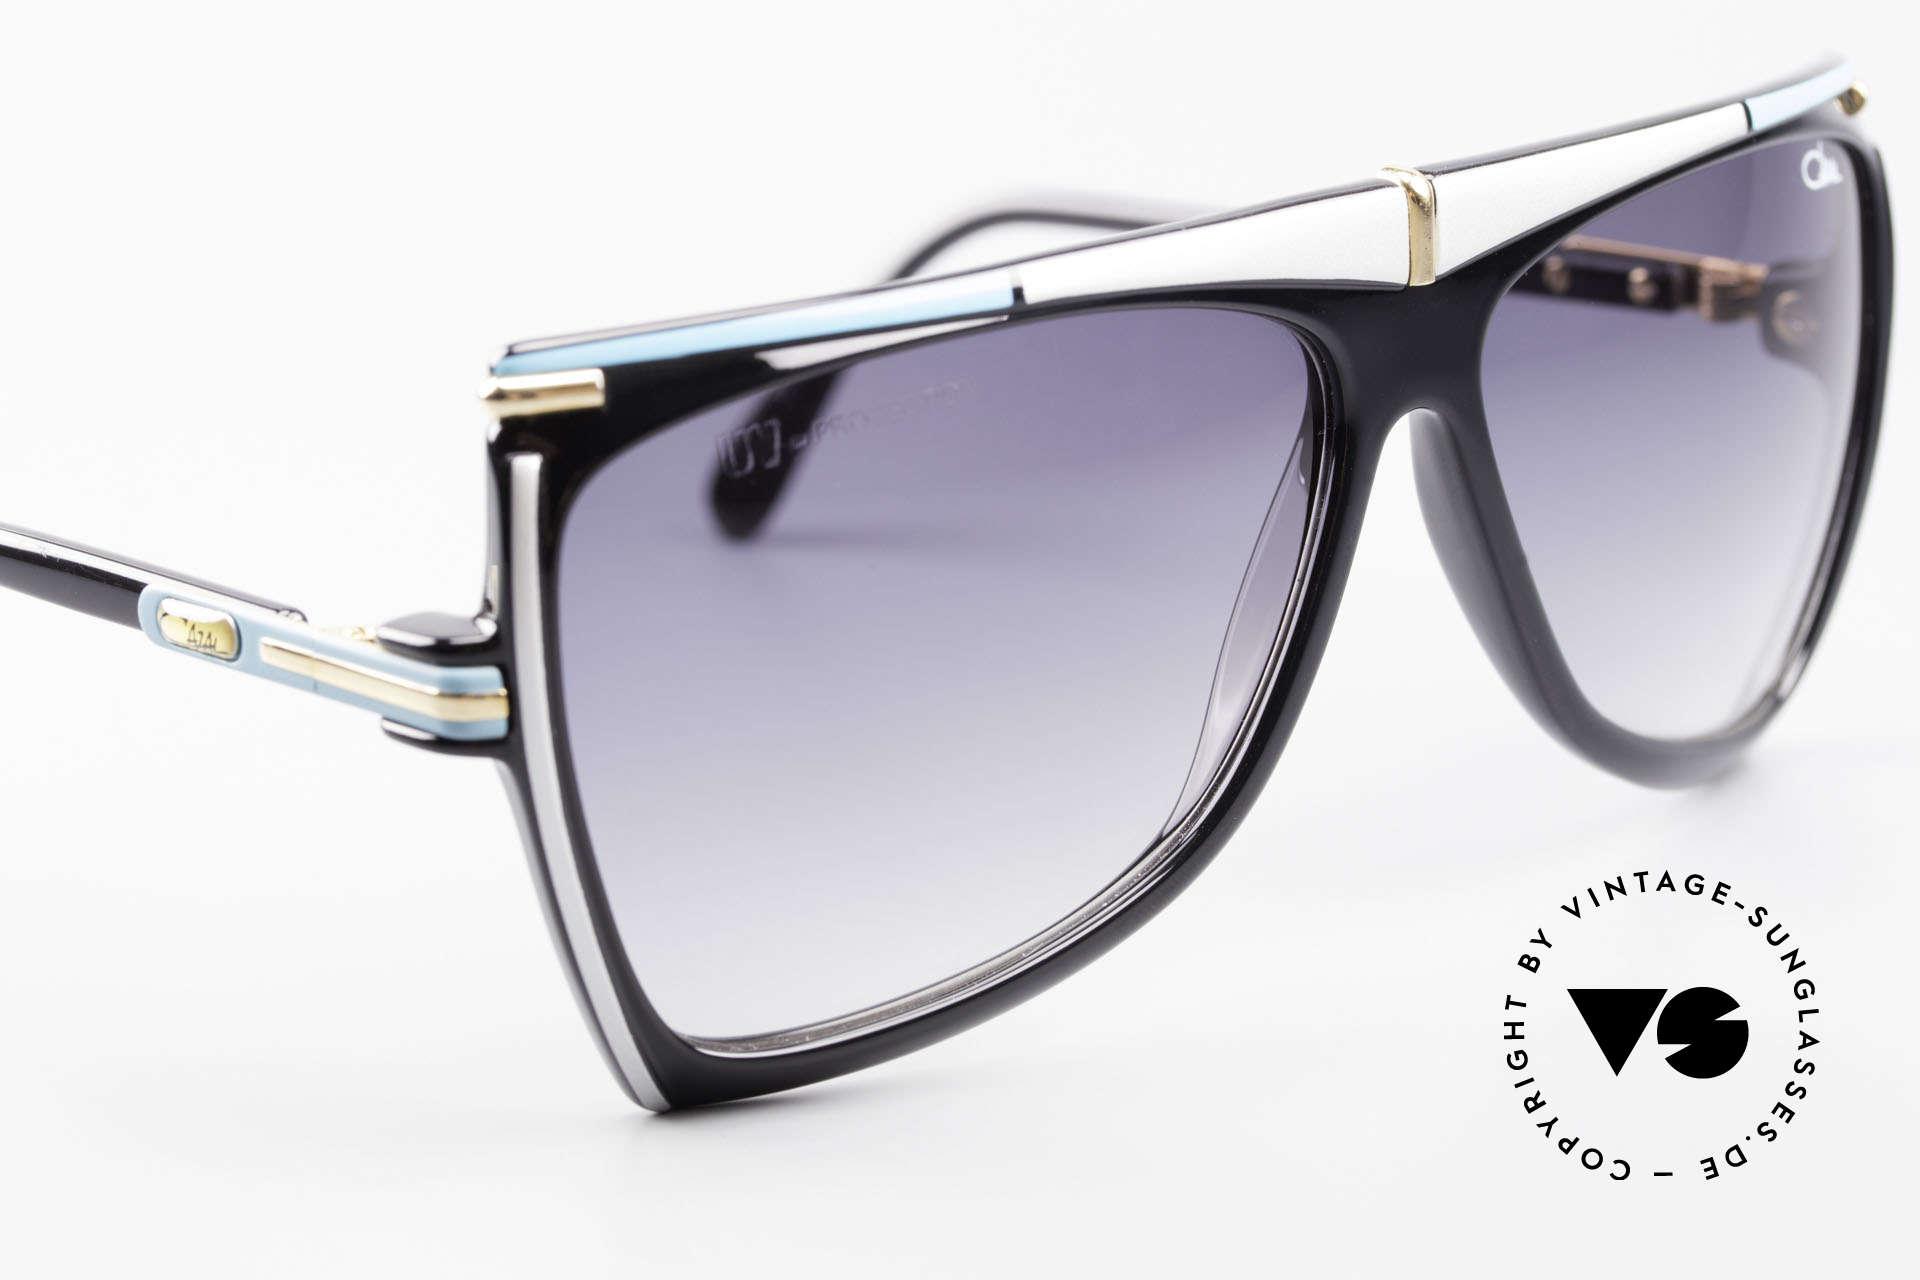 Cazal 862 West Germany Original Cazal, orig. dark gray-gradient sun lenses, 100% UV, Made for Men and Women